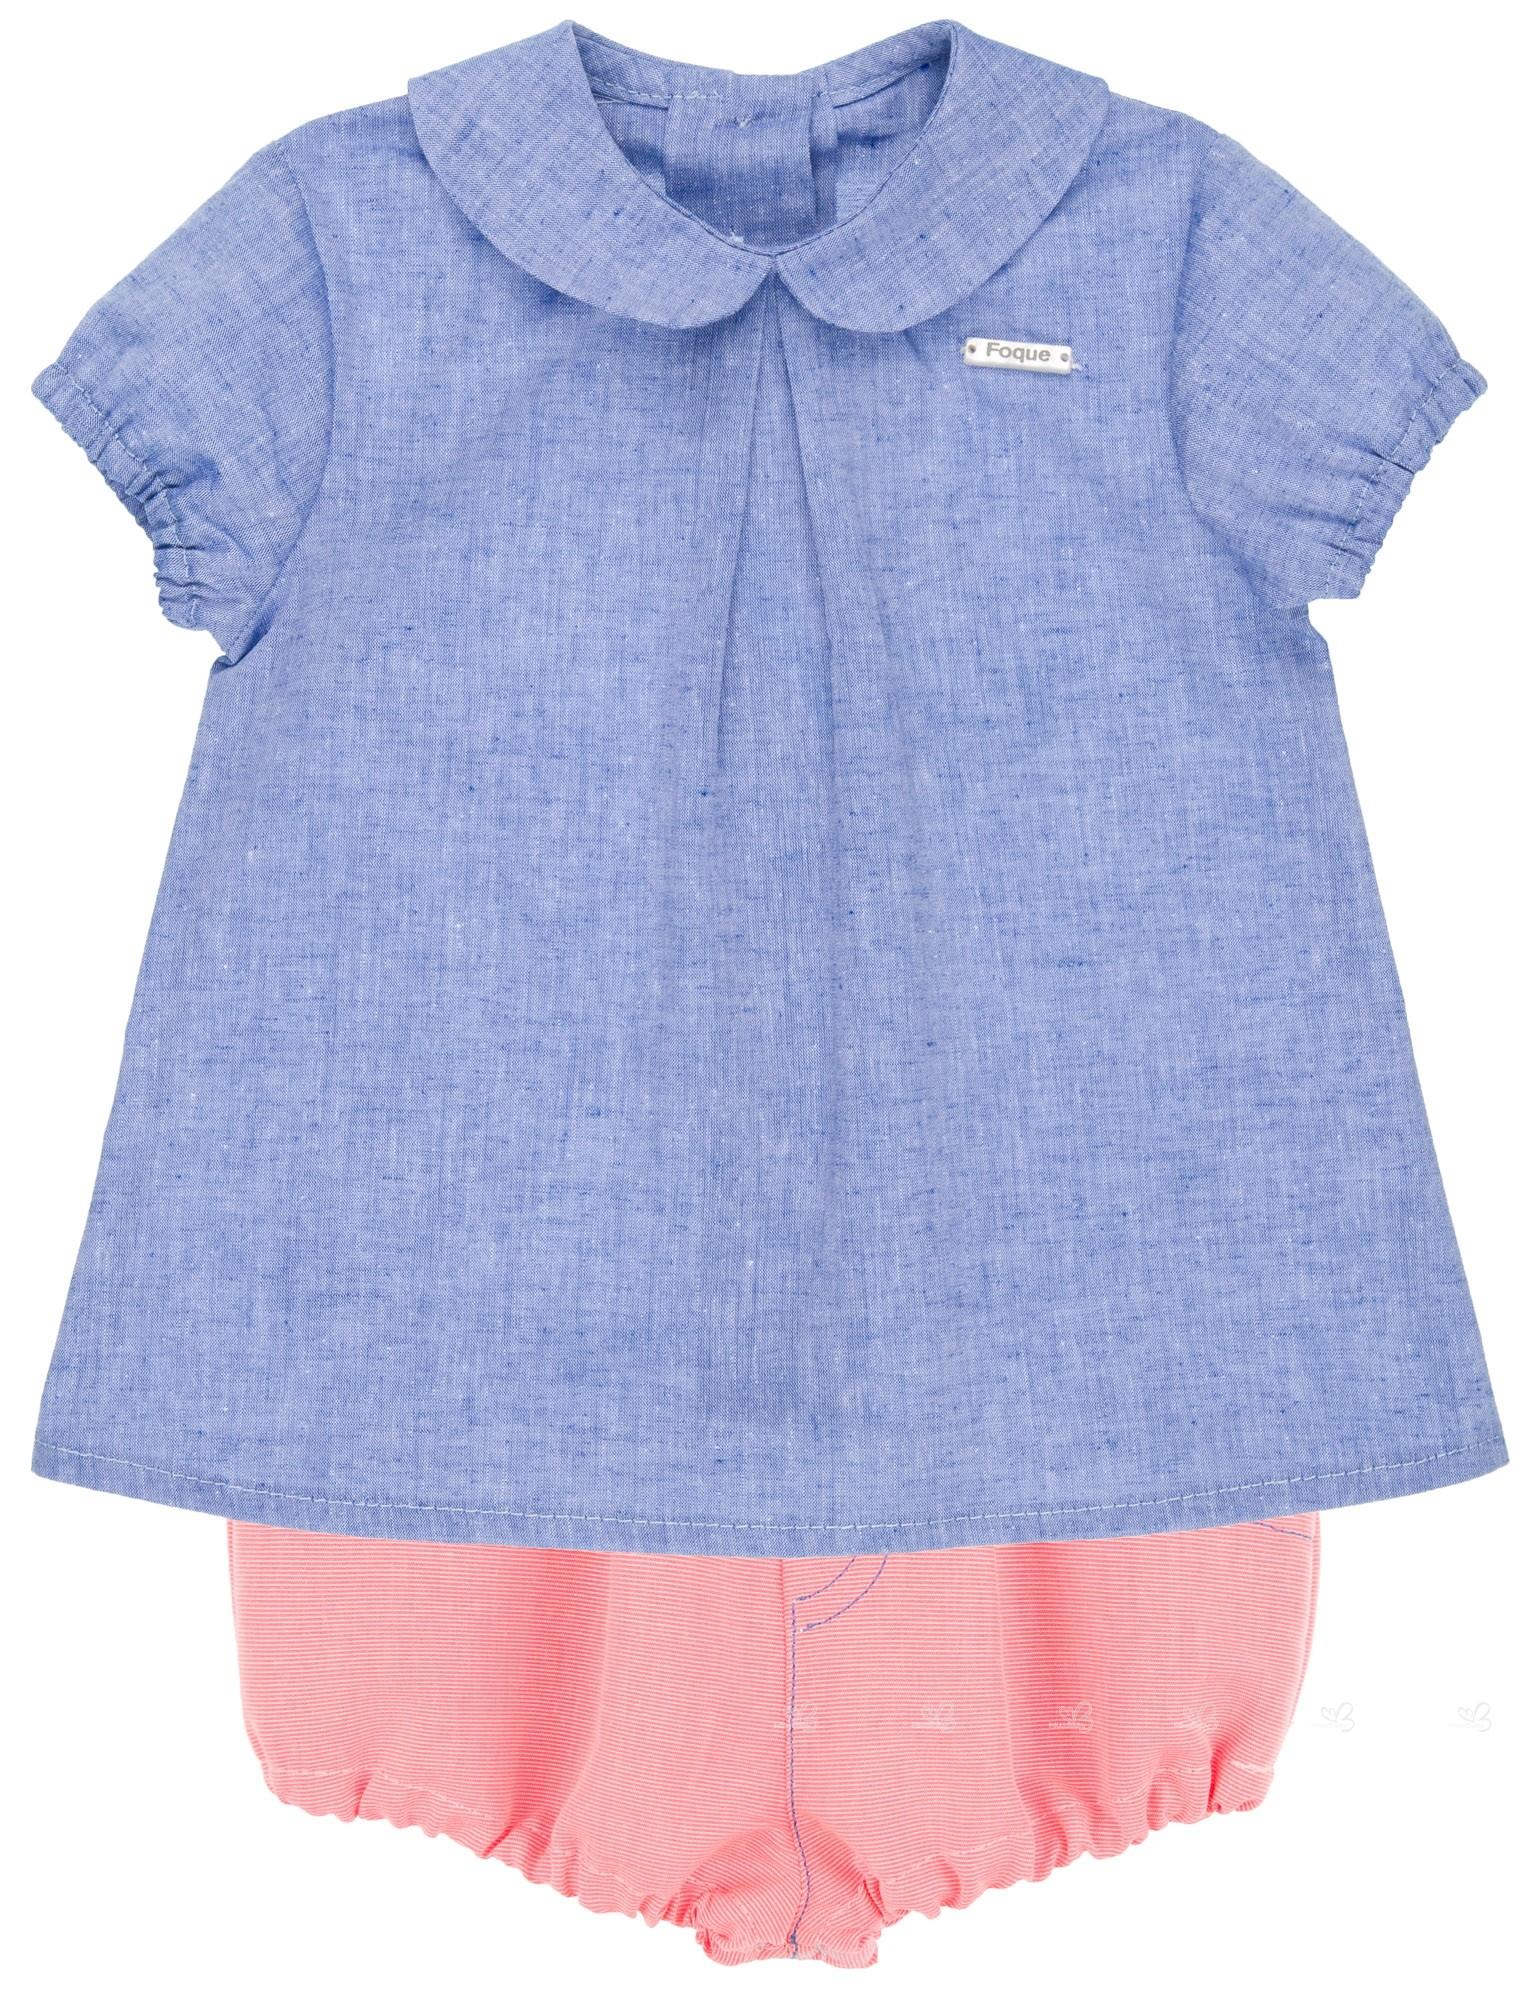 42790a136e4 Foque Baby Boys Denim Blue Shirt   Fluor Coral 2 Piece Shorts Set ...